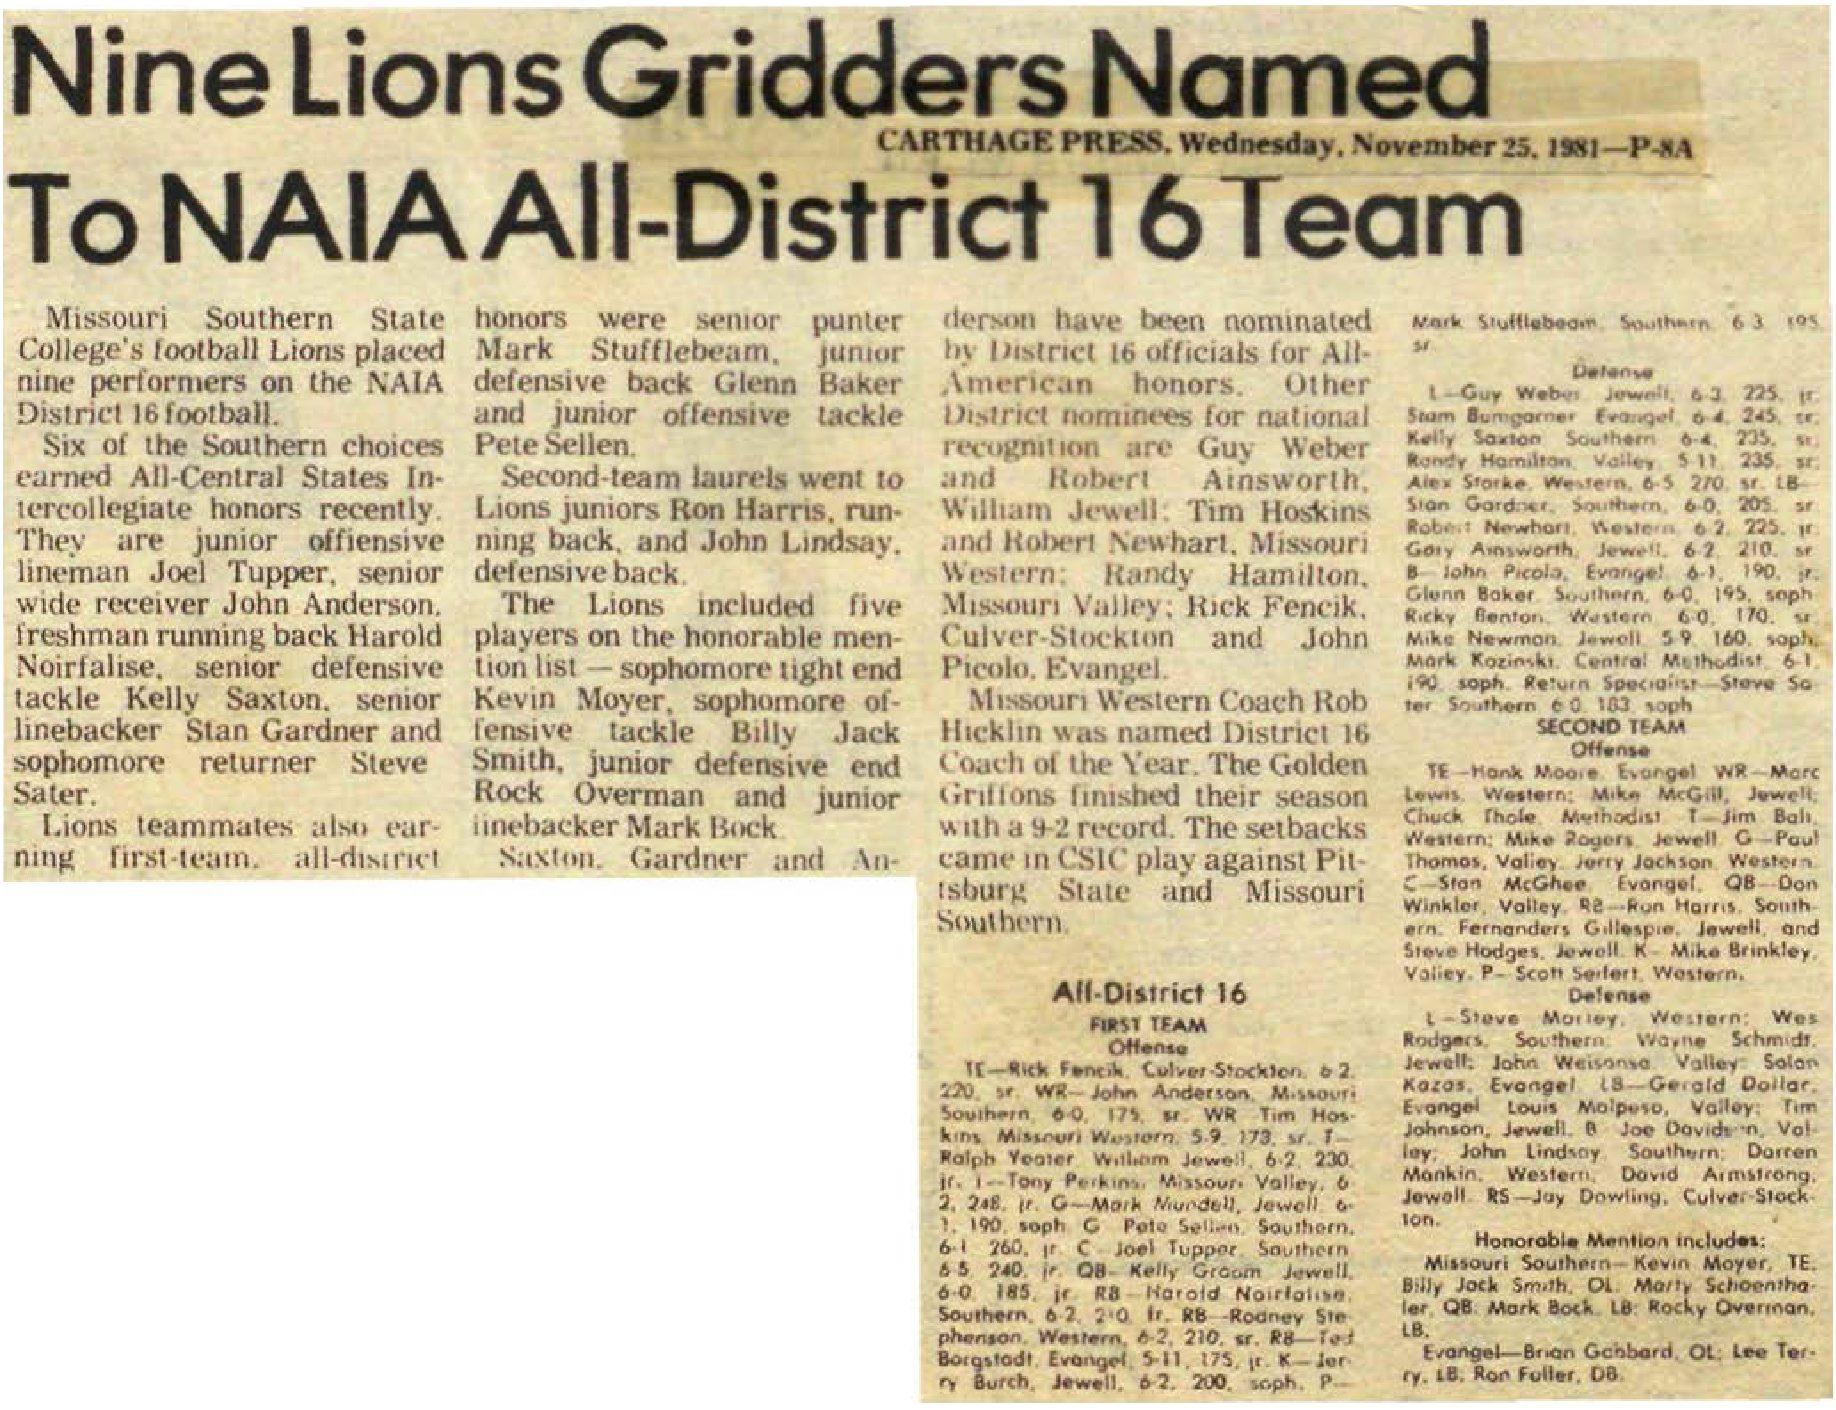 news-article-1981-Nine-Lions-Gridders-Named